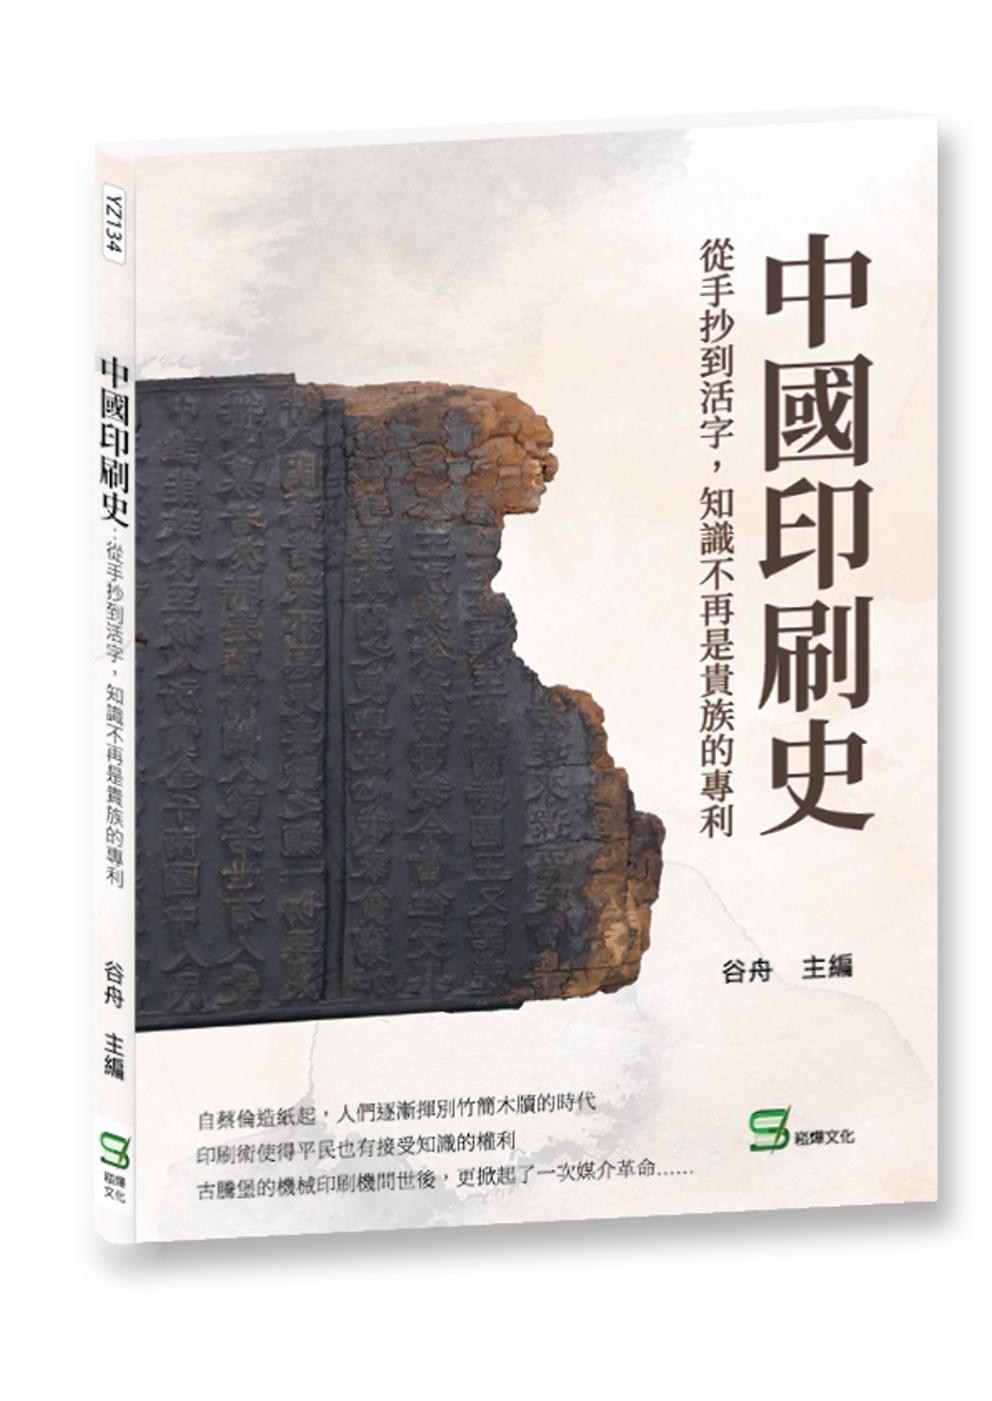 中國印刷史:從手抄到活字,知識...